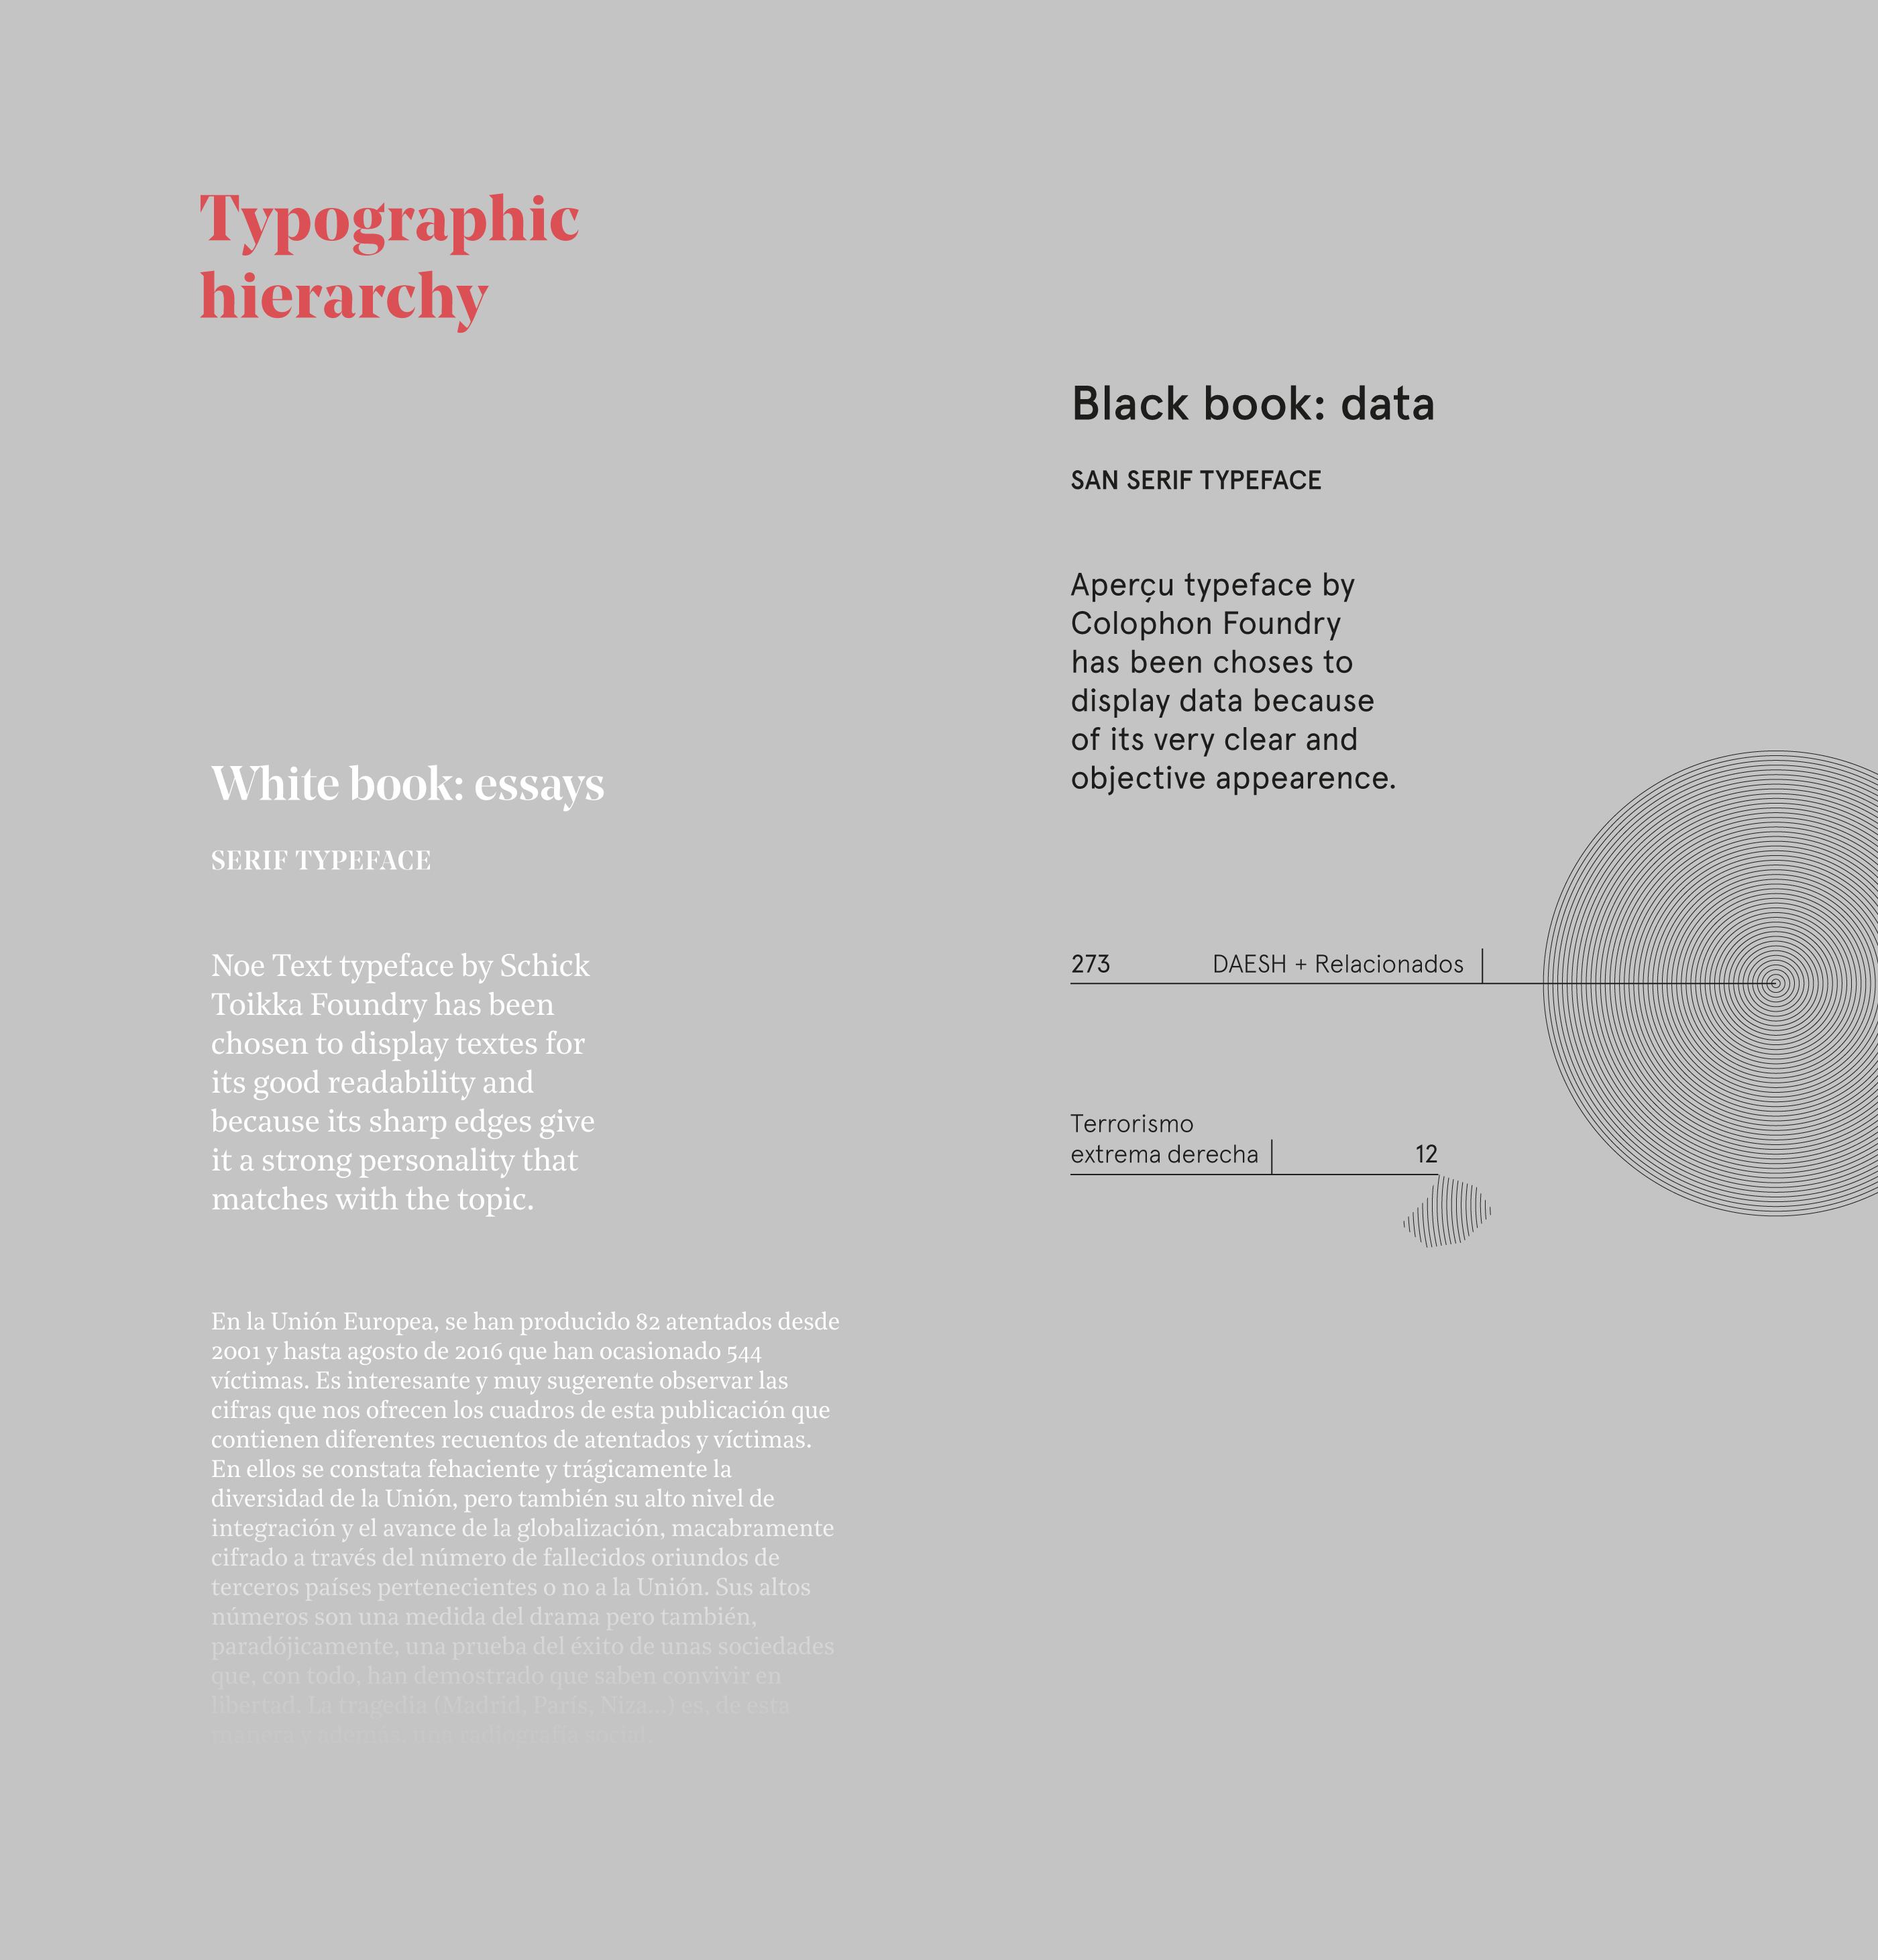 Relajaelcoco: «Si se aplica bien el diseño